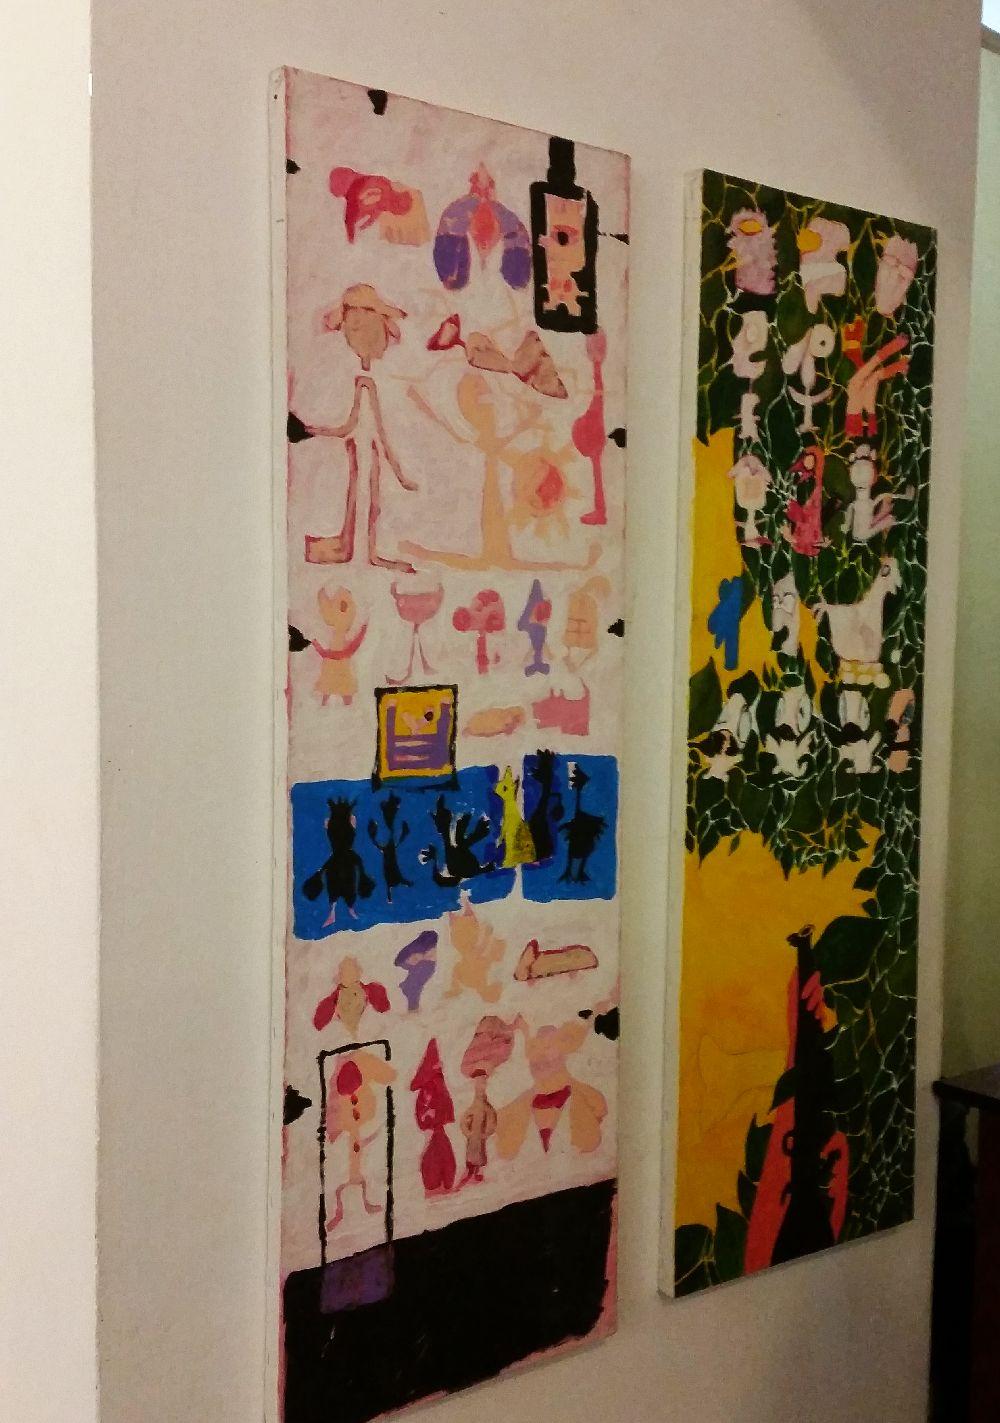 adelaparvu.com despre expozitie Orasul Aniei, artist Cristi Gaspar (13)